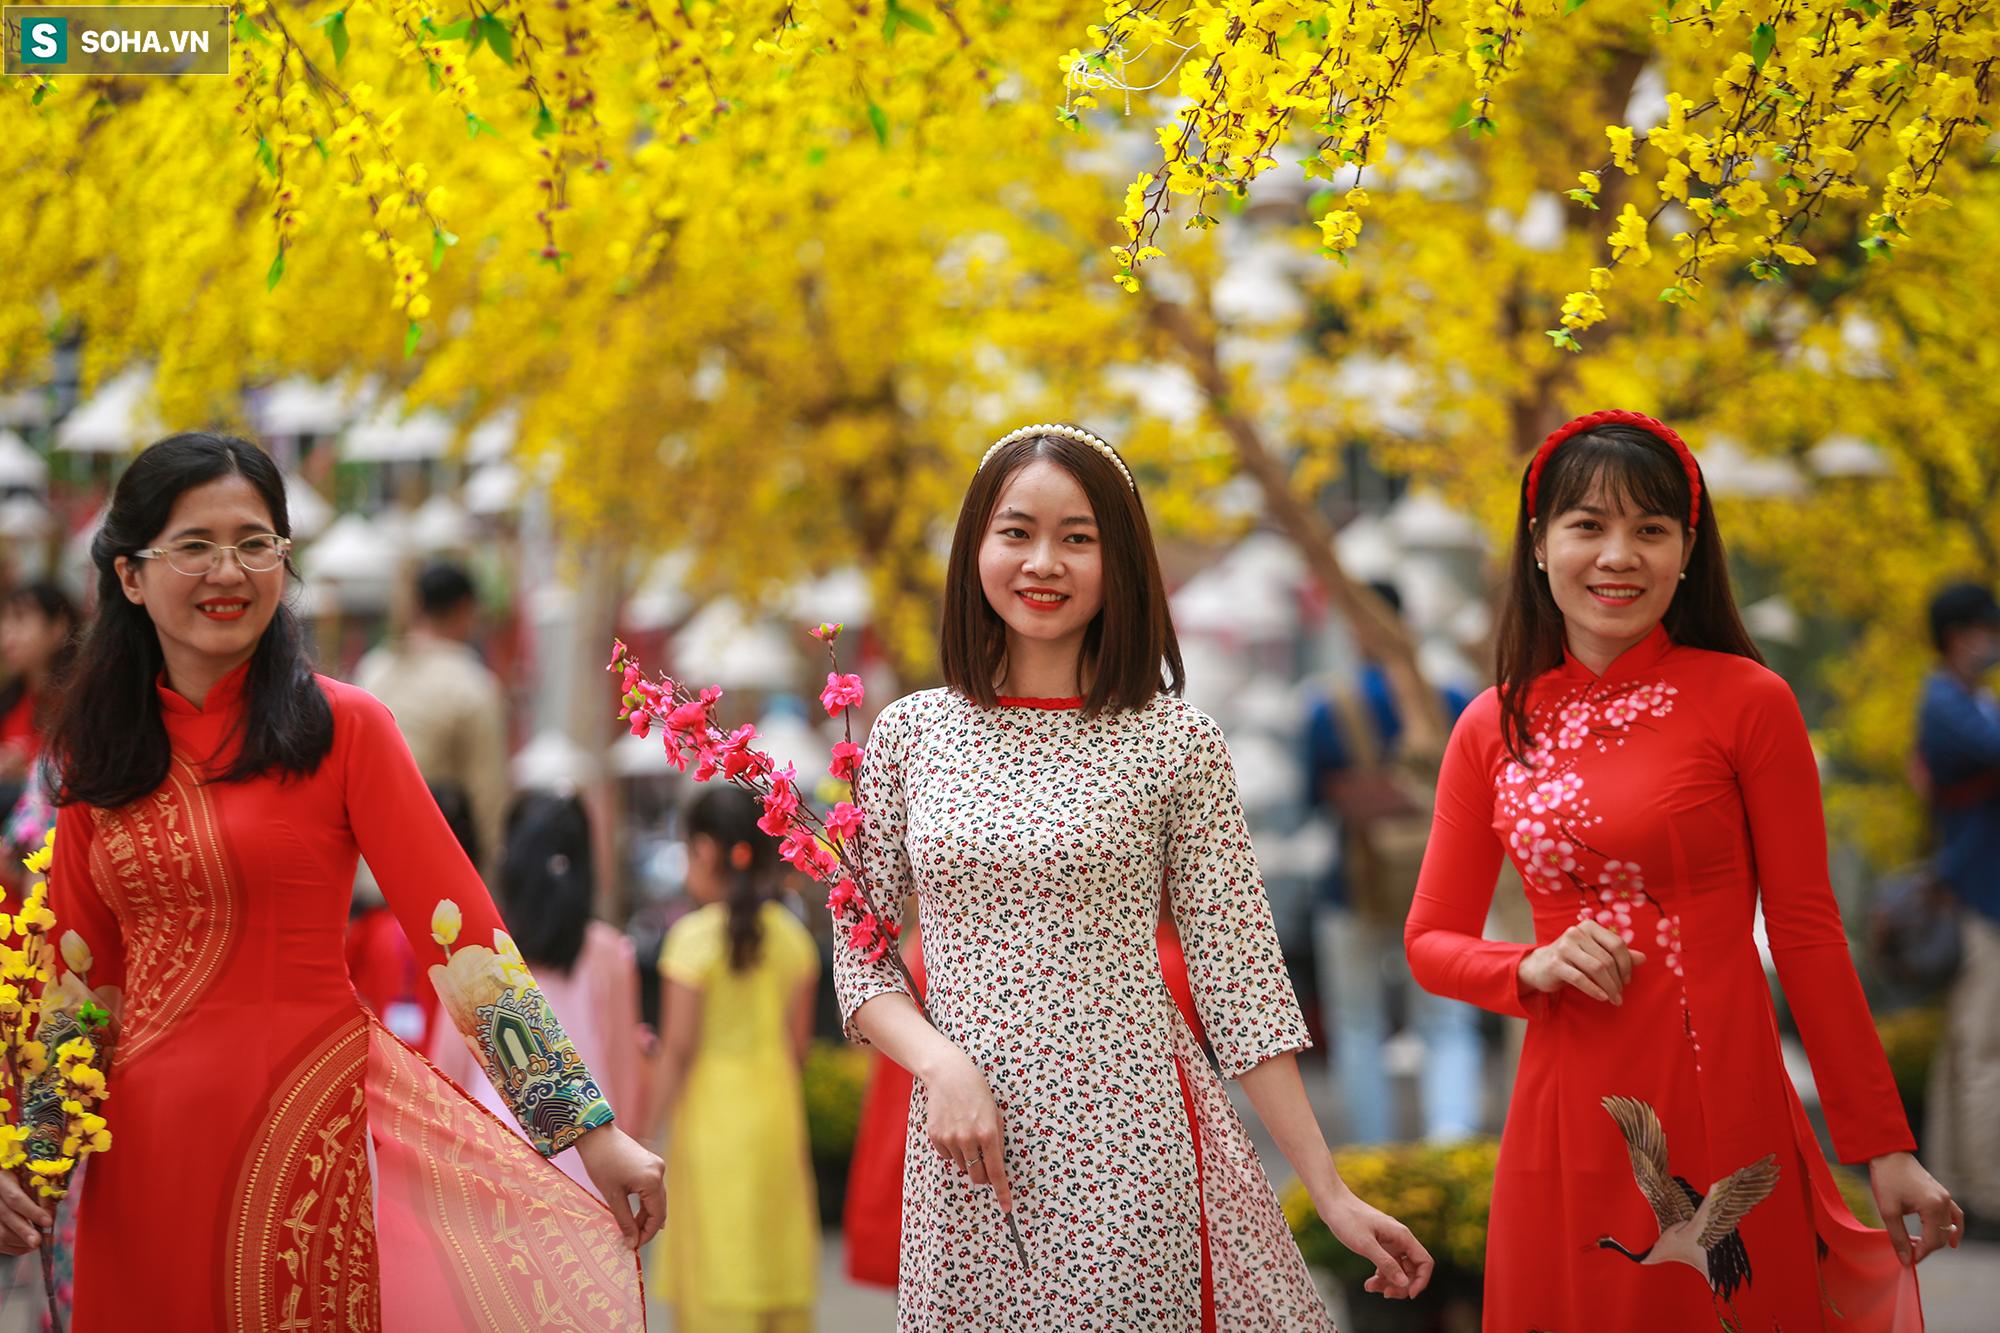 [Ảnh] Thiếu nữ Sài Gòn xinh đẹp xúng xính áo dài check-in sống ảo ở con đường hoa mai - Ảnh 14.